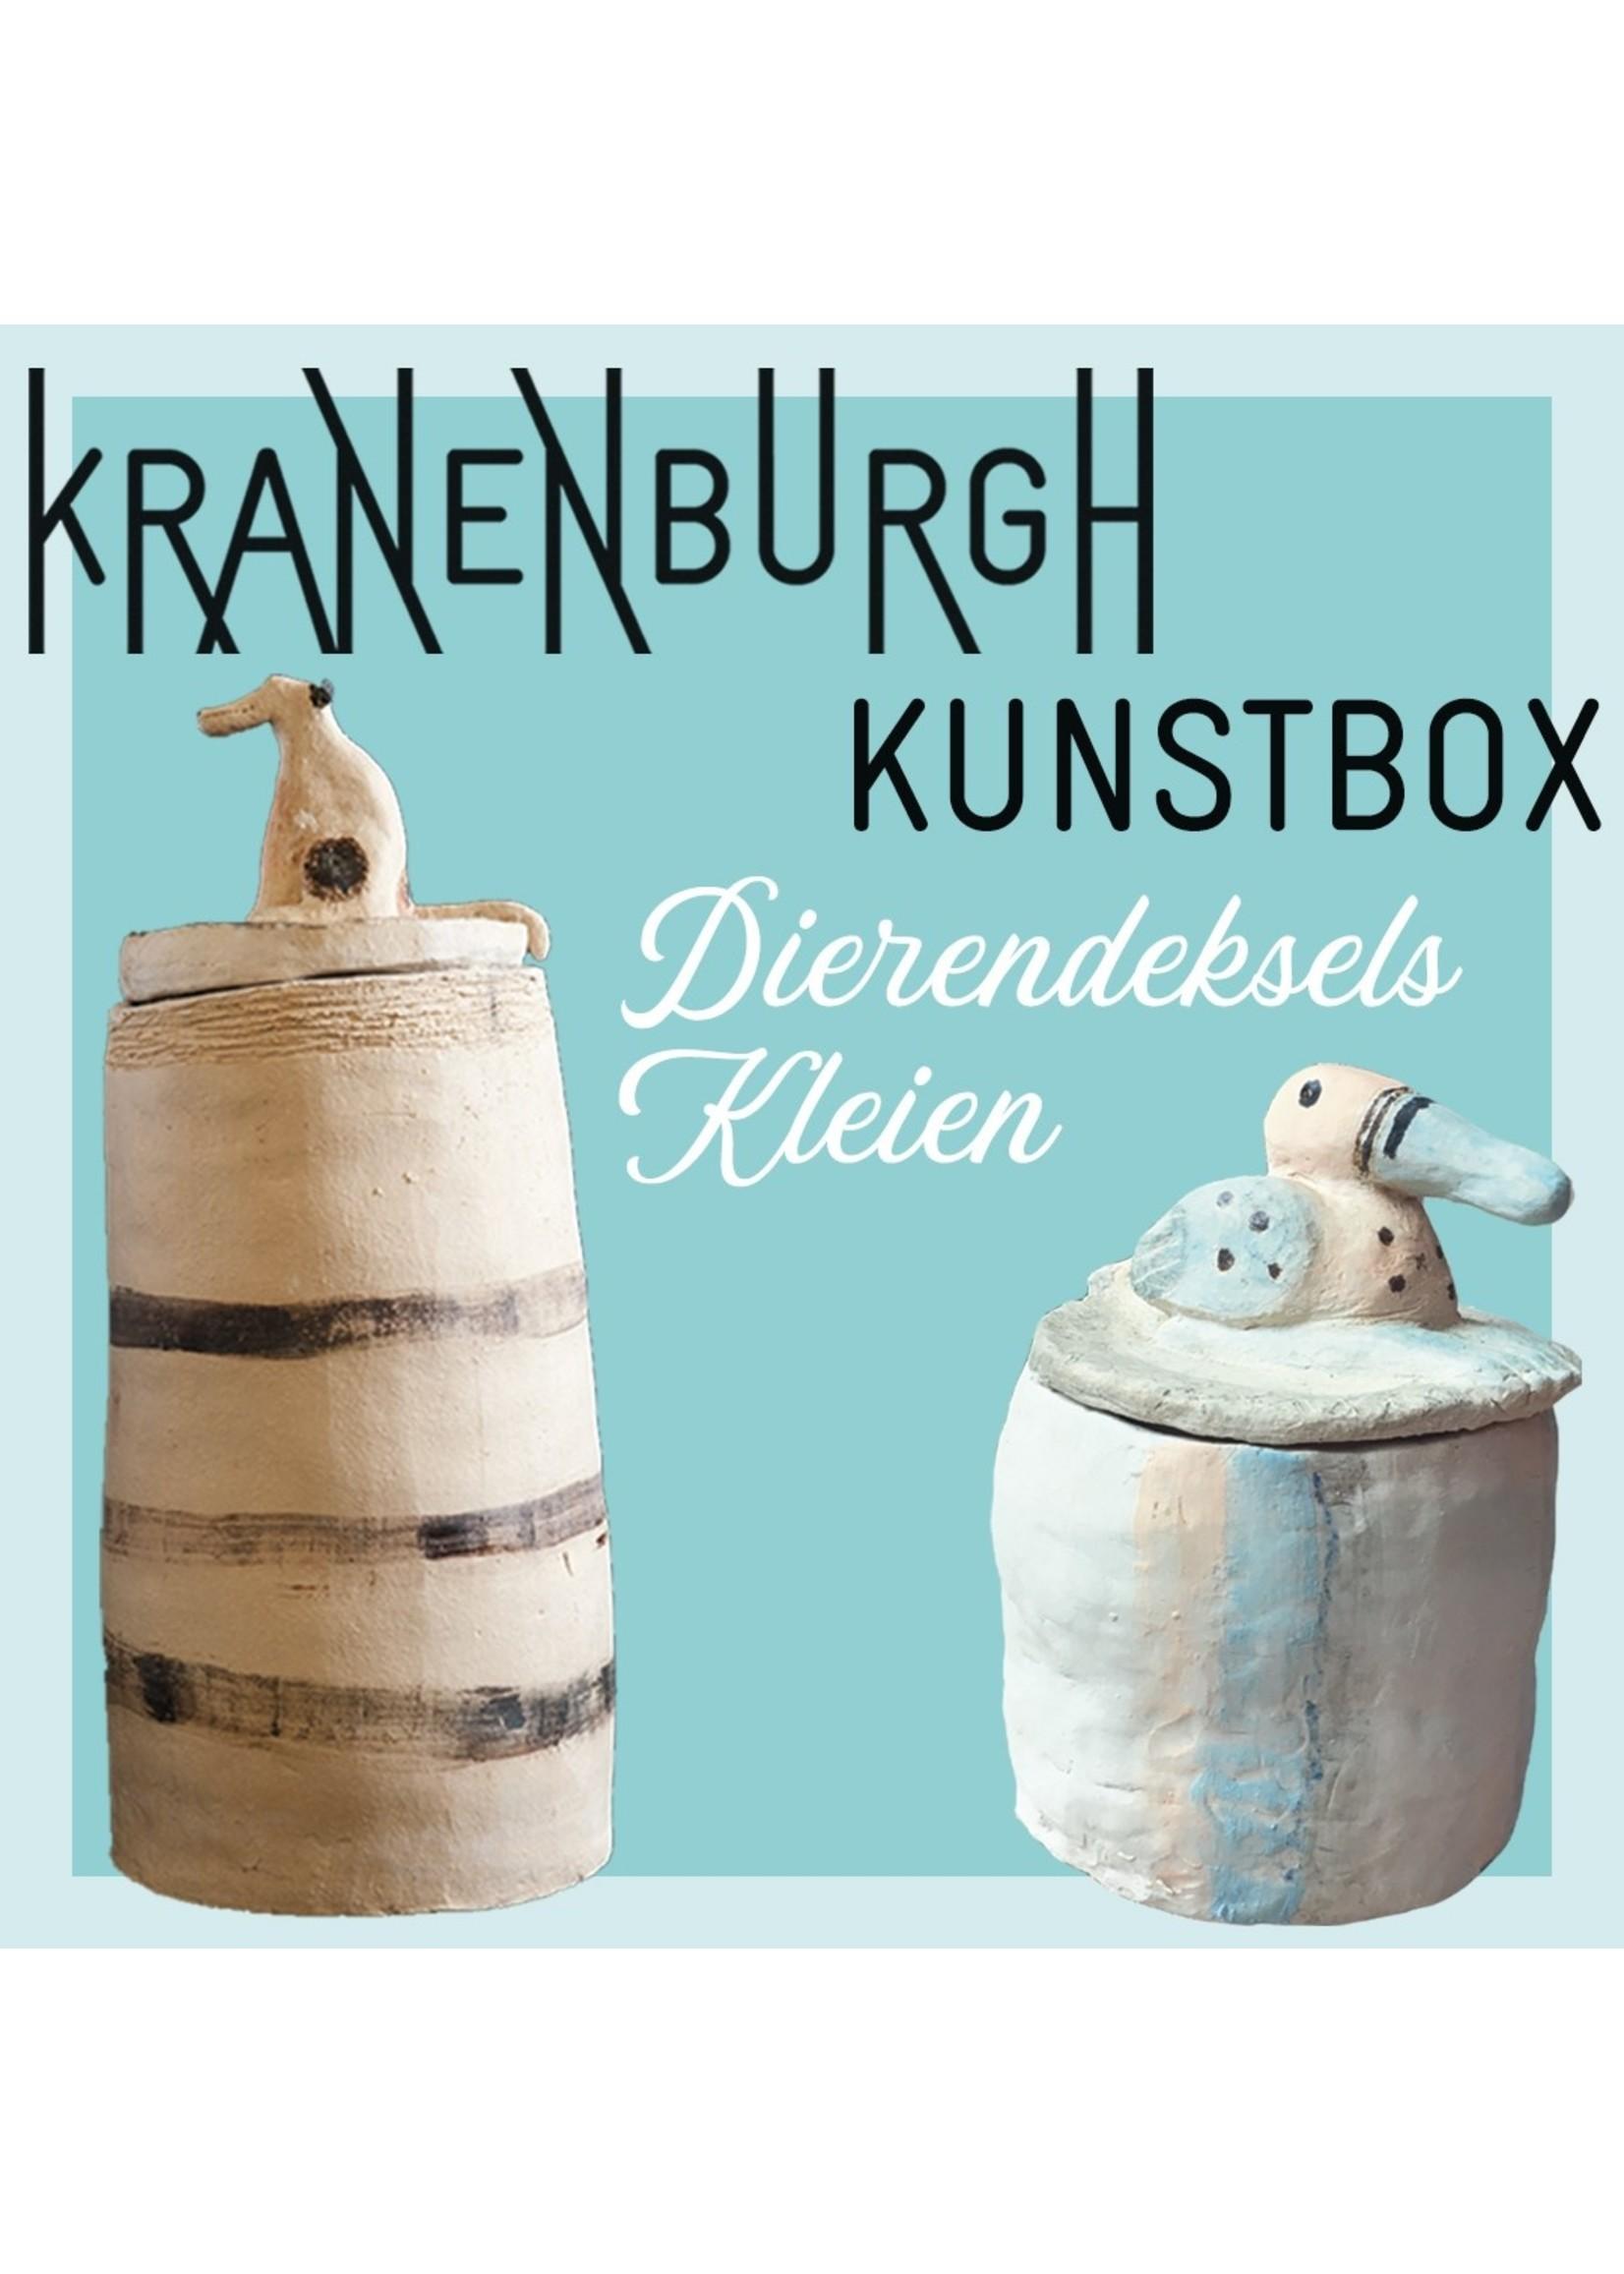 Kranenburgh Artbox: Kneten von Tierdeckeln